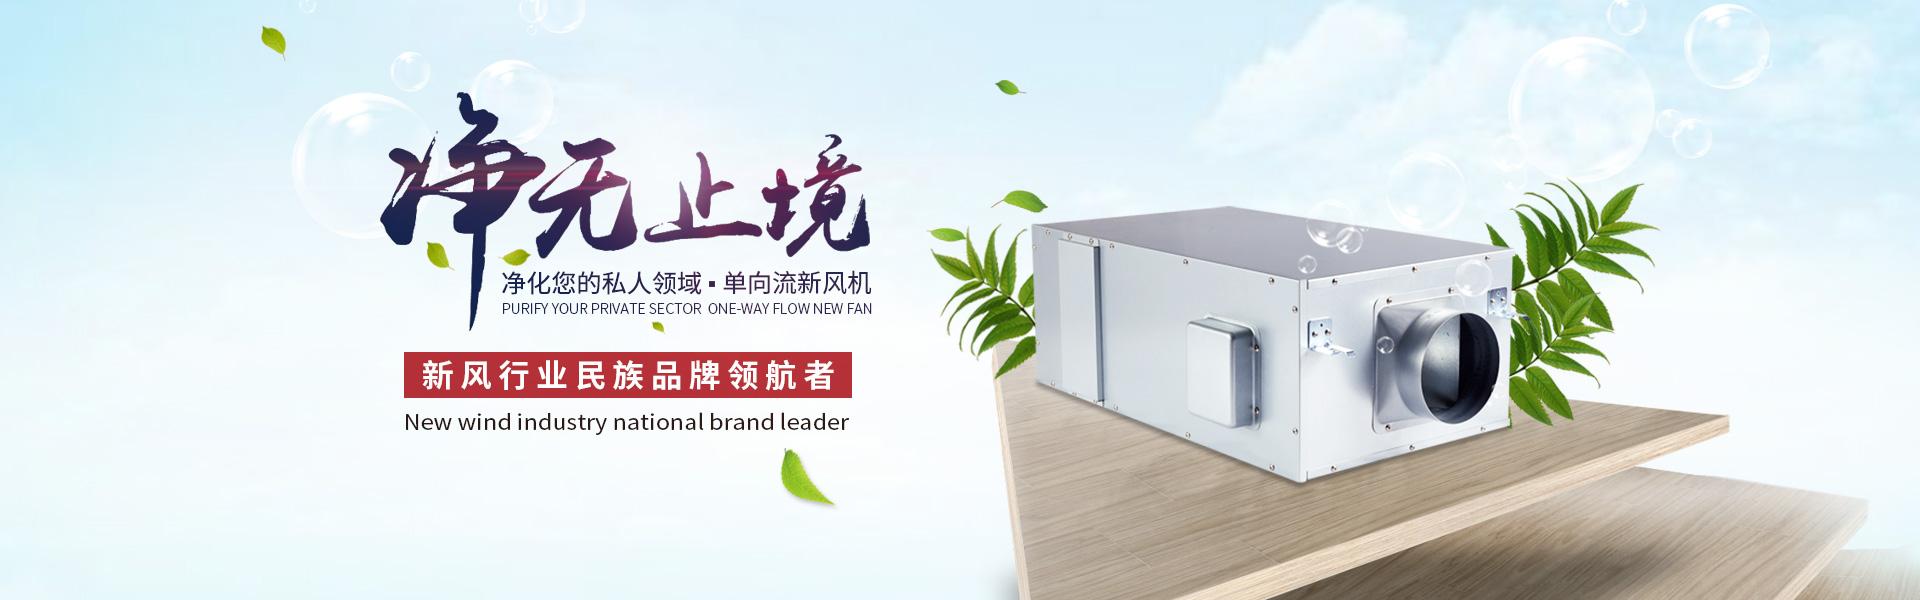 浙江拓力環境科技有限公司